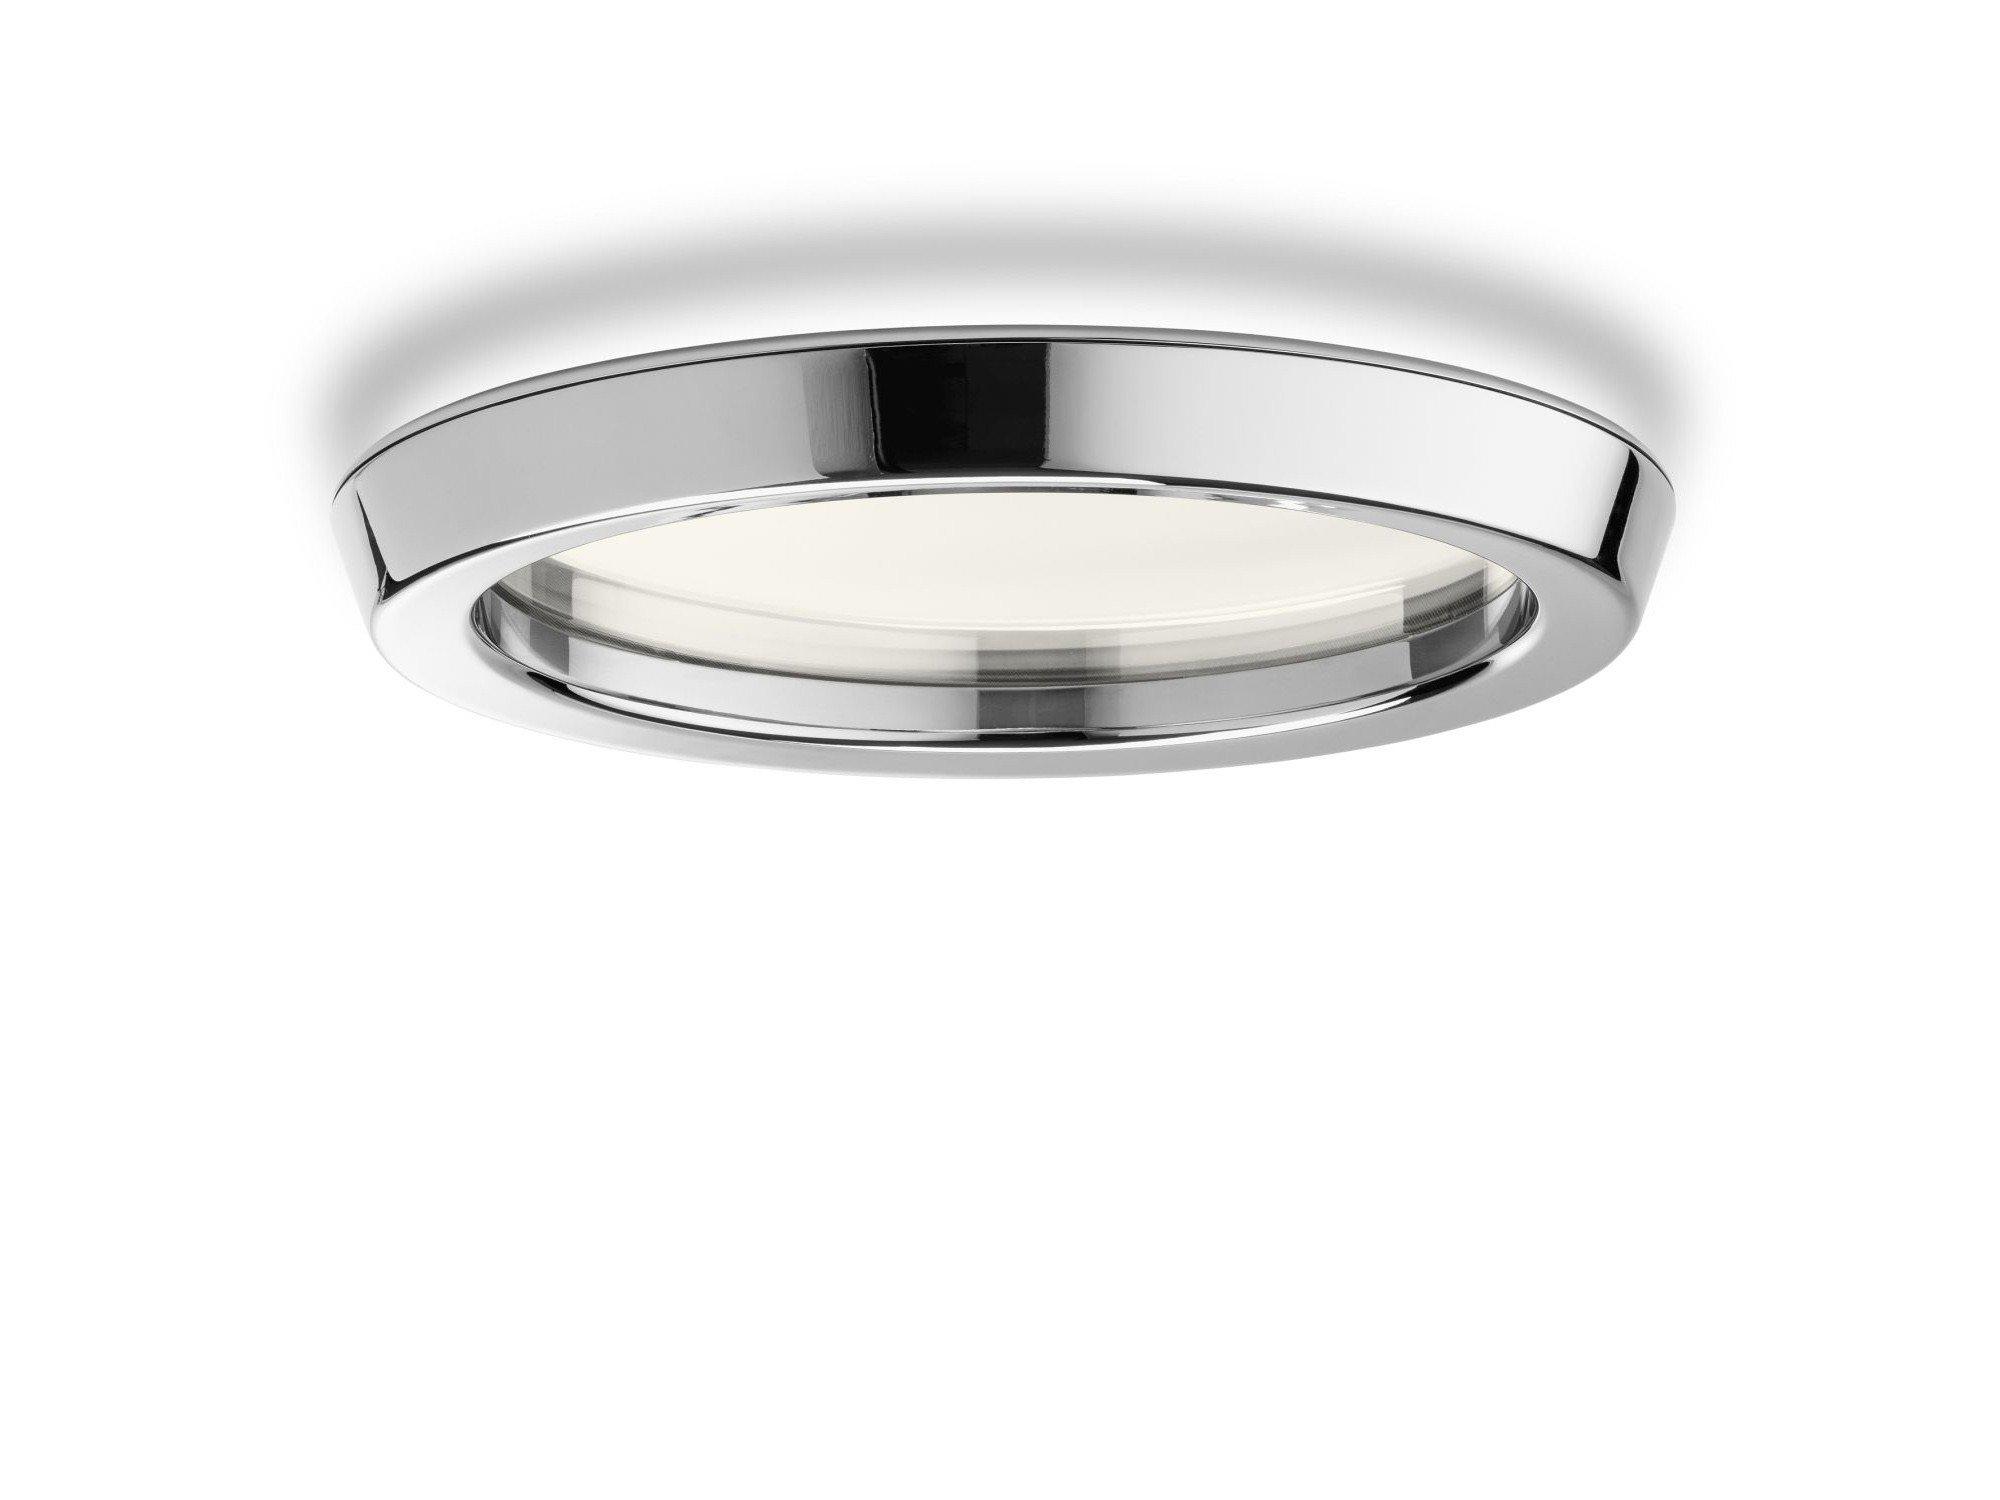 LED-Leuchte wie ein runder Bilderrahmen   Elektro   News/Produkte ...